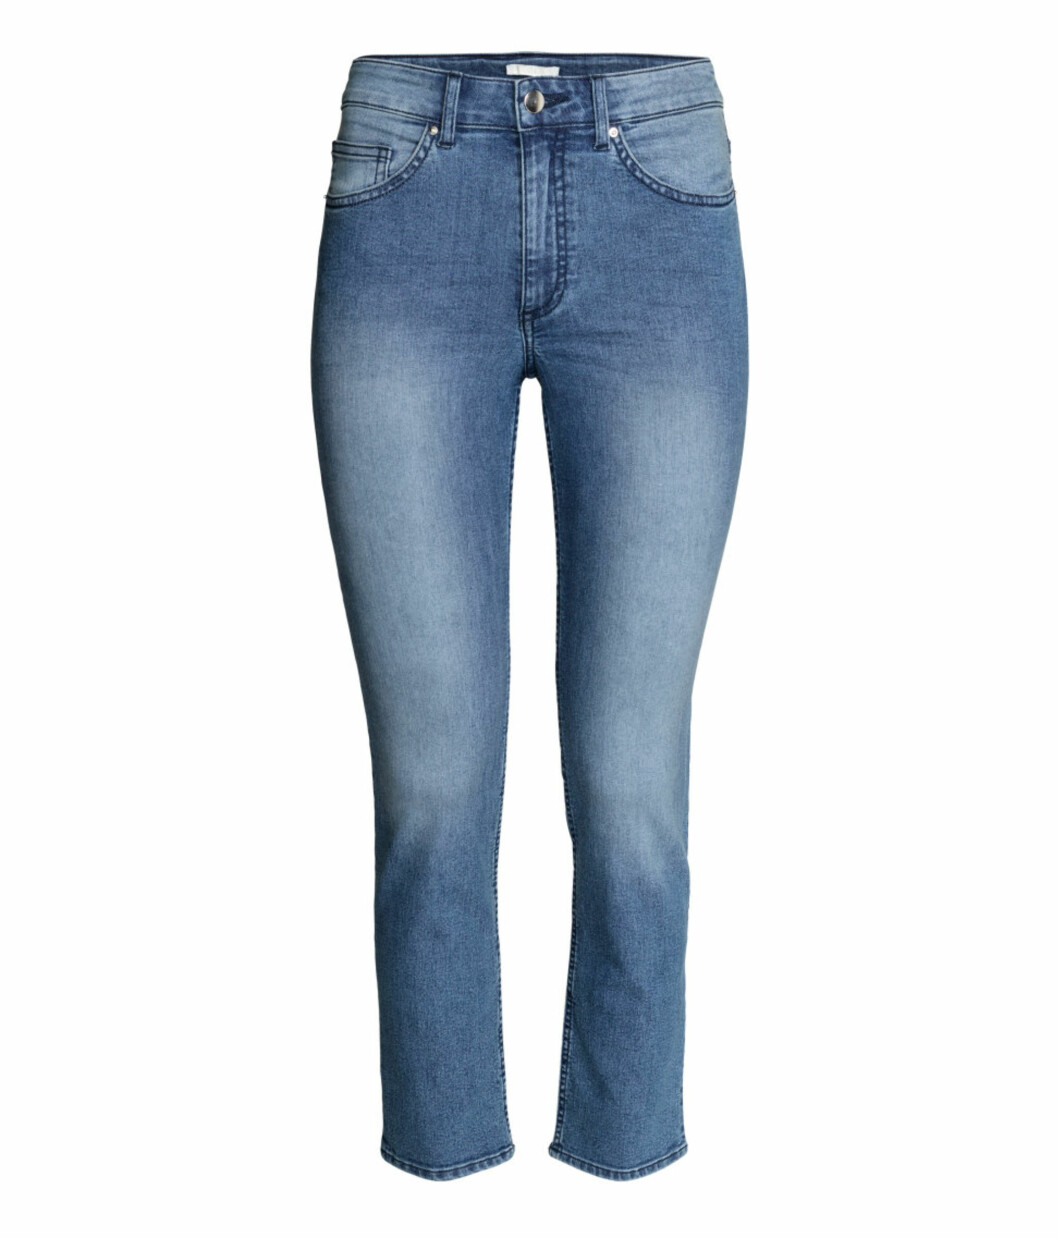 Jeans fra H&M, kr 199. Foto: Produsenten